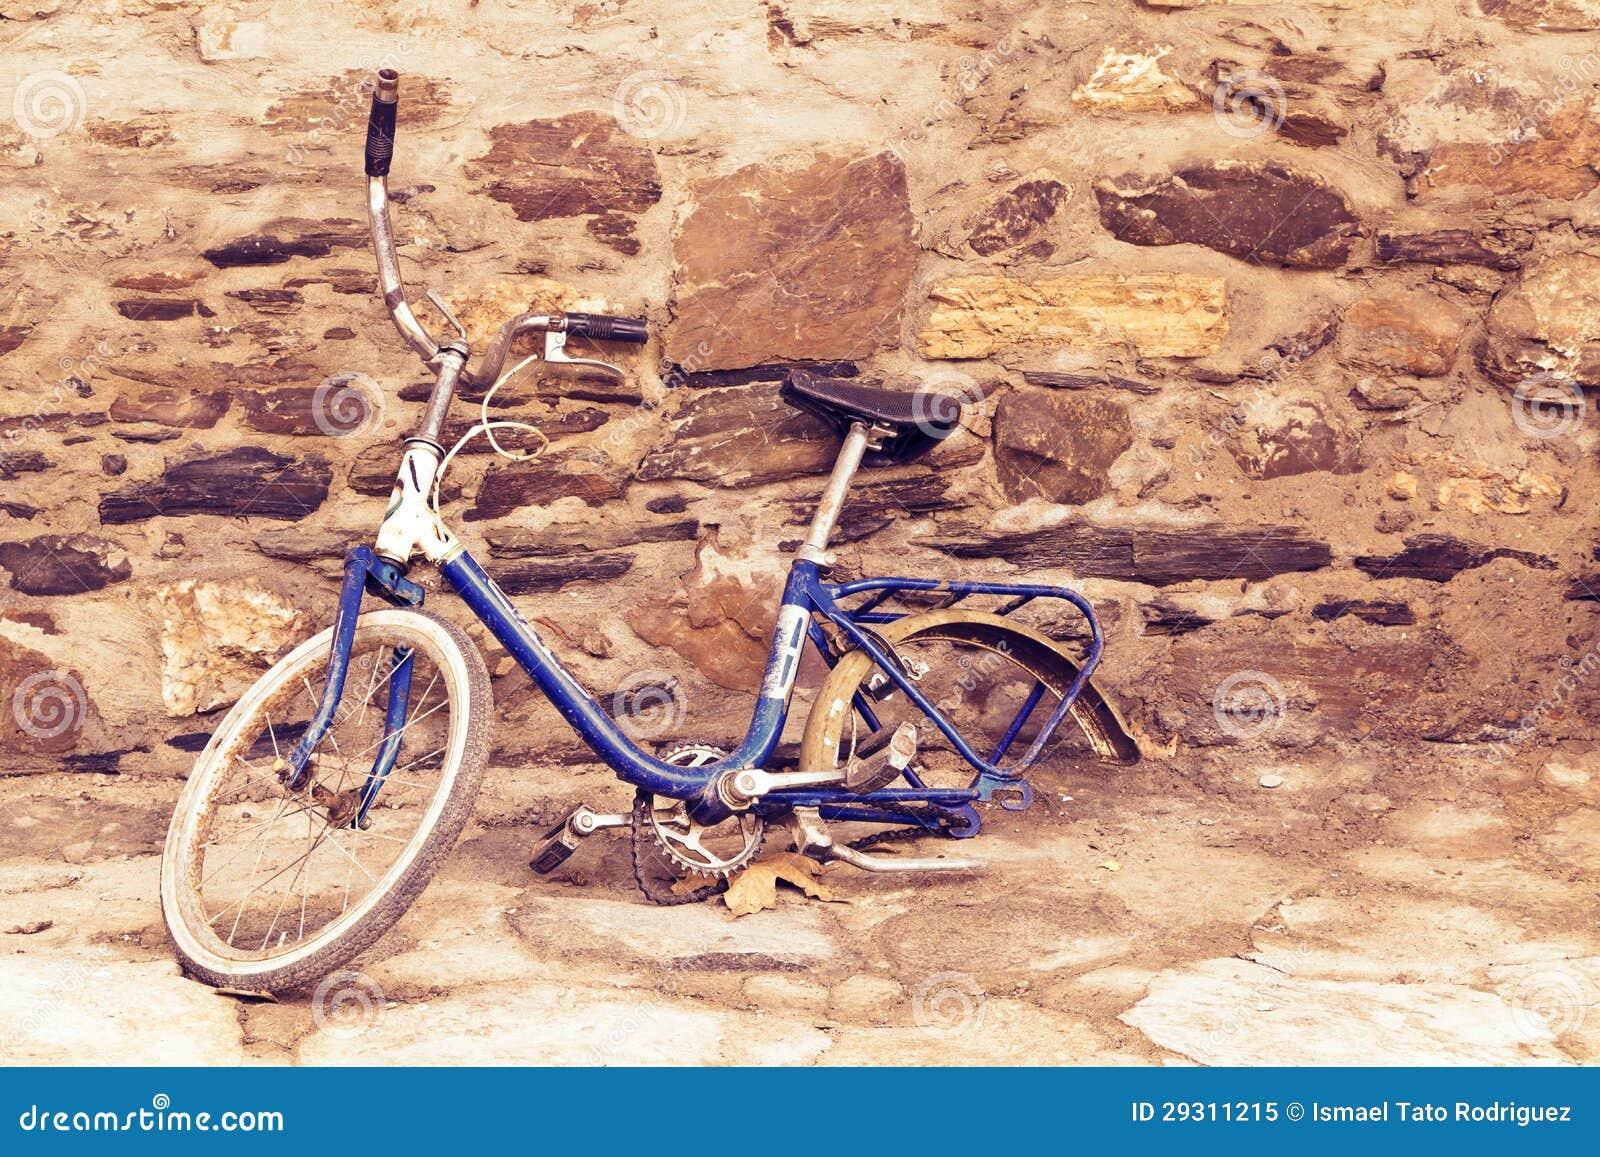 #A36328 quebrada velha sem a roda traseira inclinando se contra uma parede de  1448 Sonhar Com Janelas De Vidro Quebradas